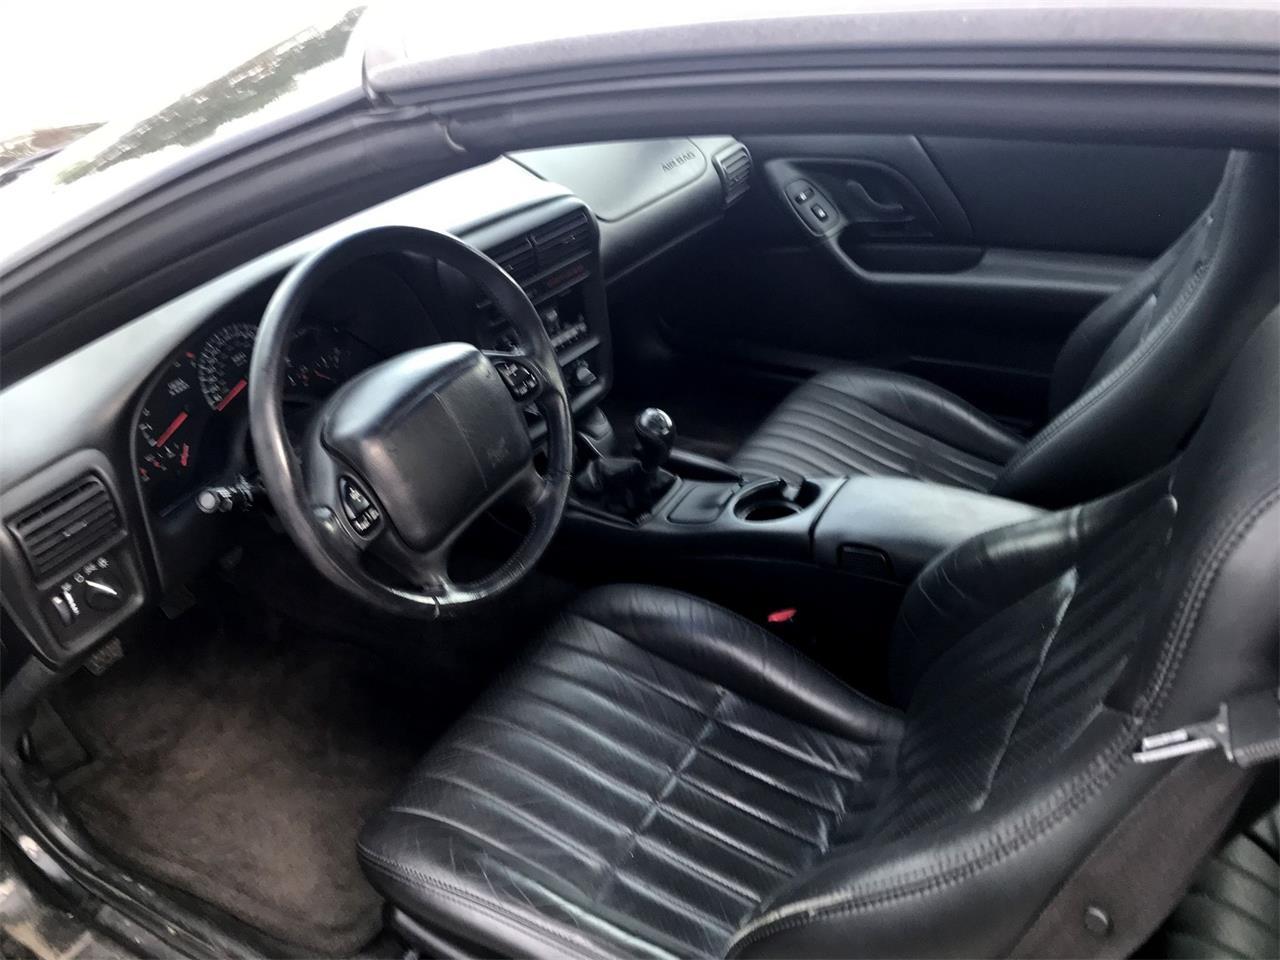 2000 Chevrolet Camaro Z28 (CC-1219052) for sale in Stratford, New Jersey